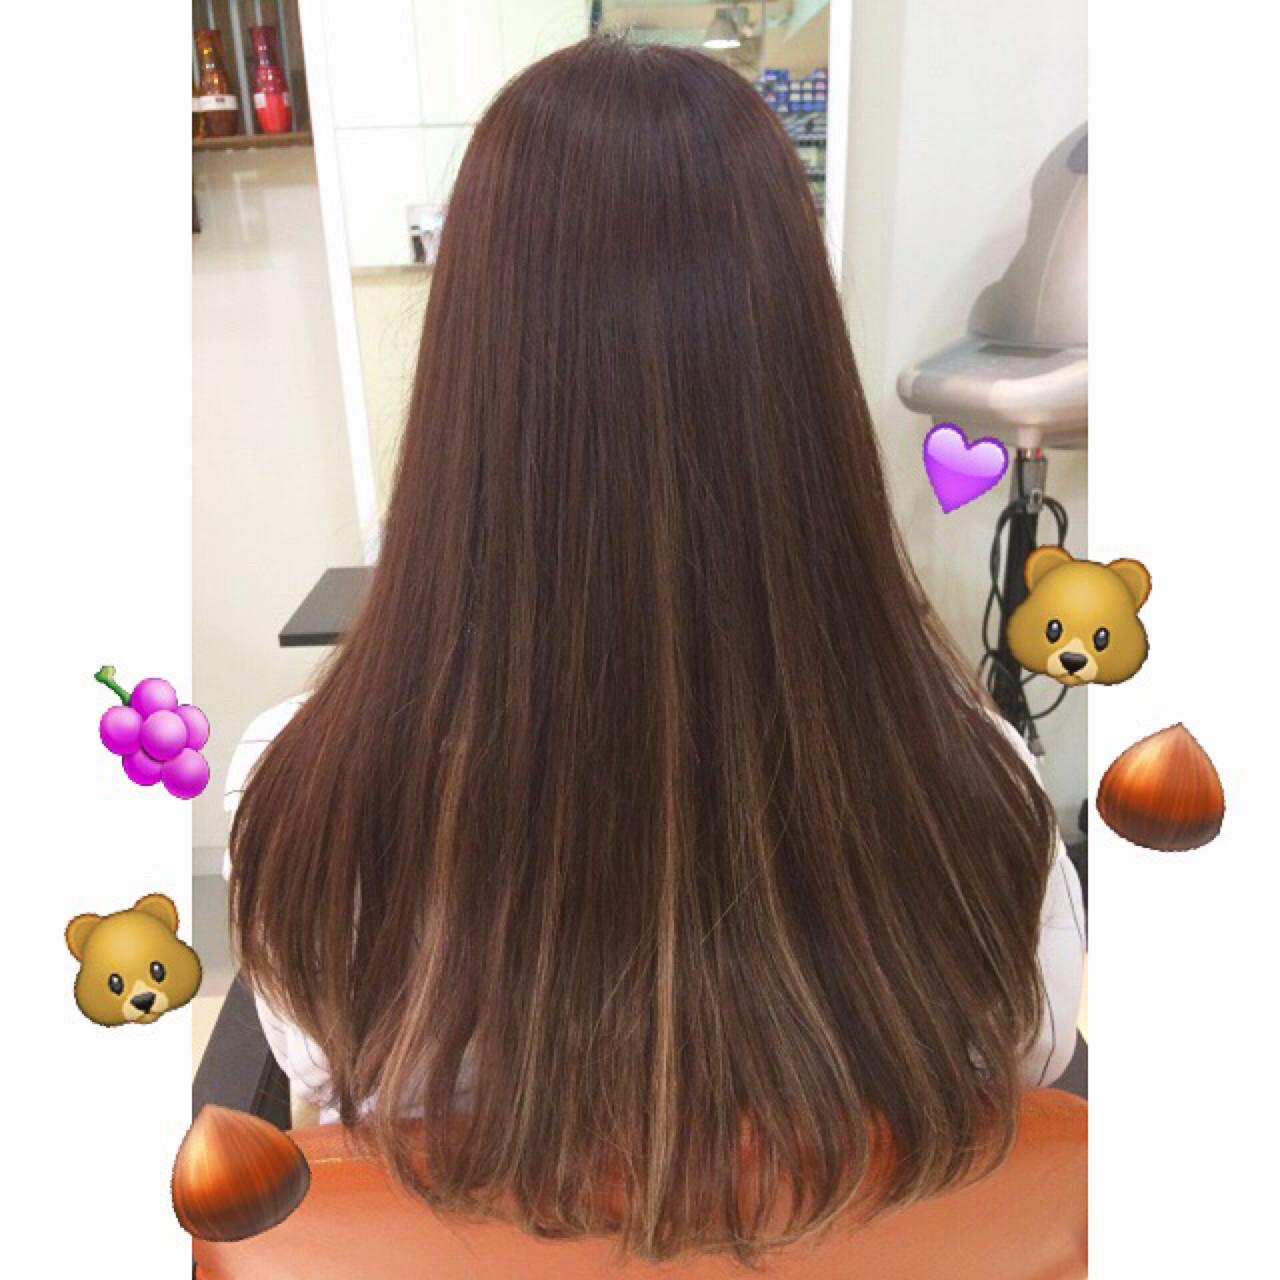 ハイライト ロング 暗髪 秋 ヘアスタイルや髪型の写真・画像 | 藤野美咲 / LES  GARCONS